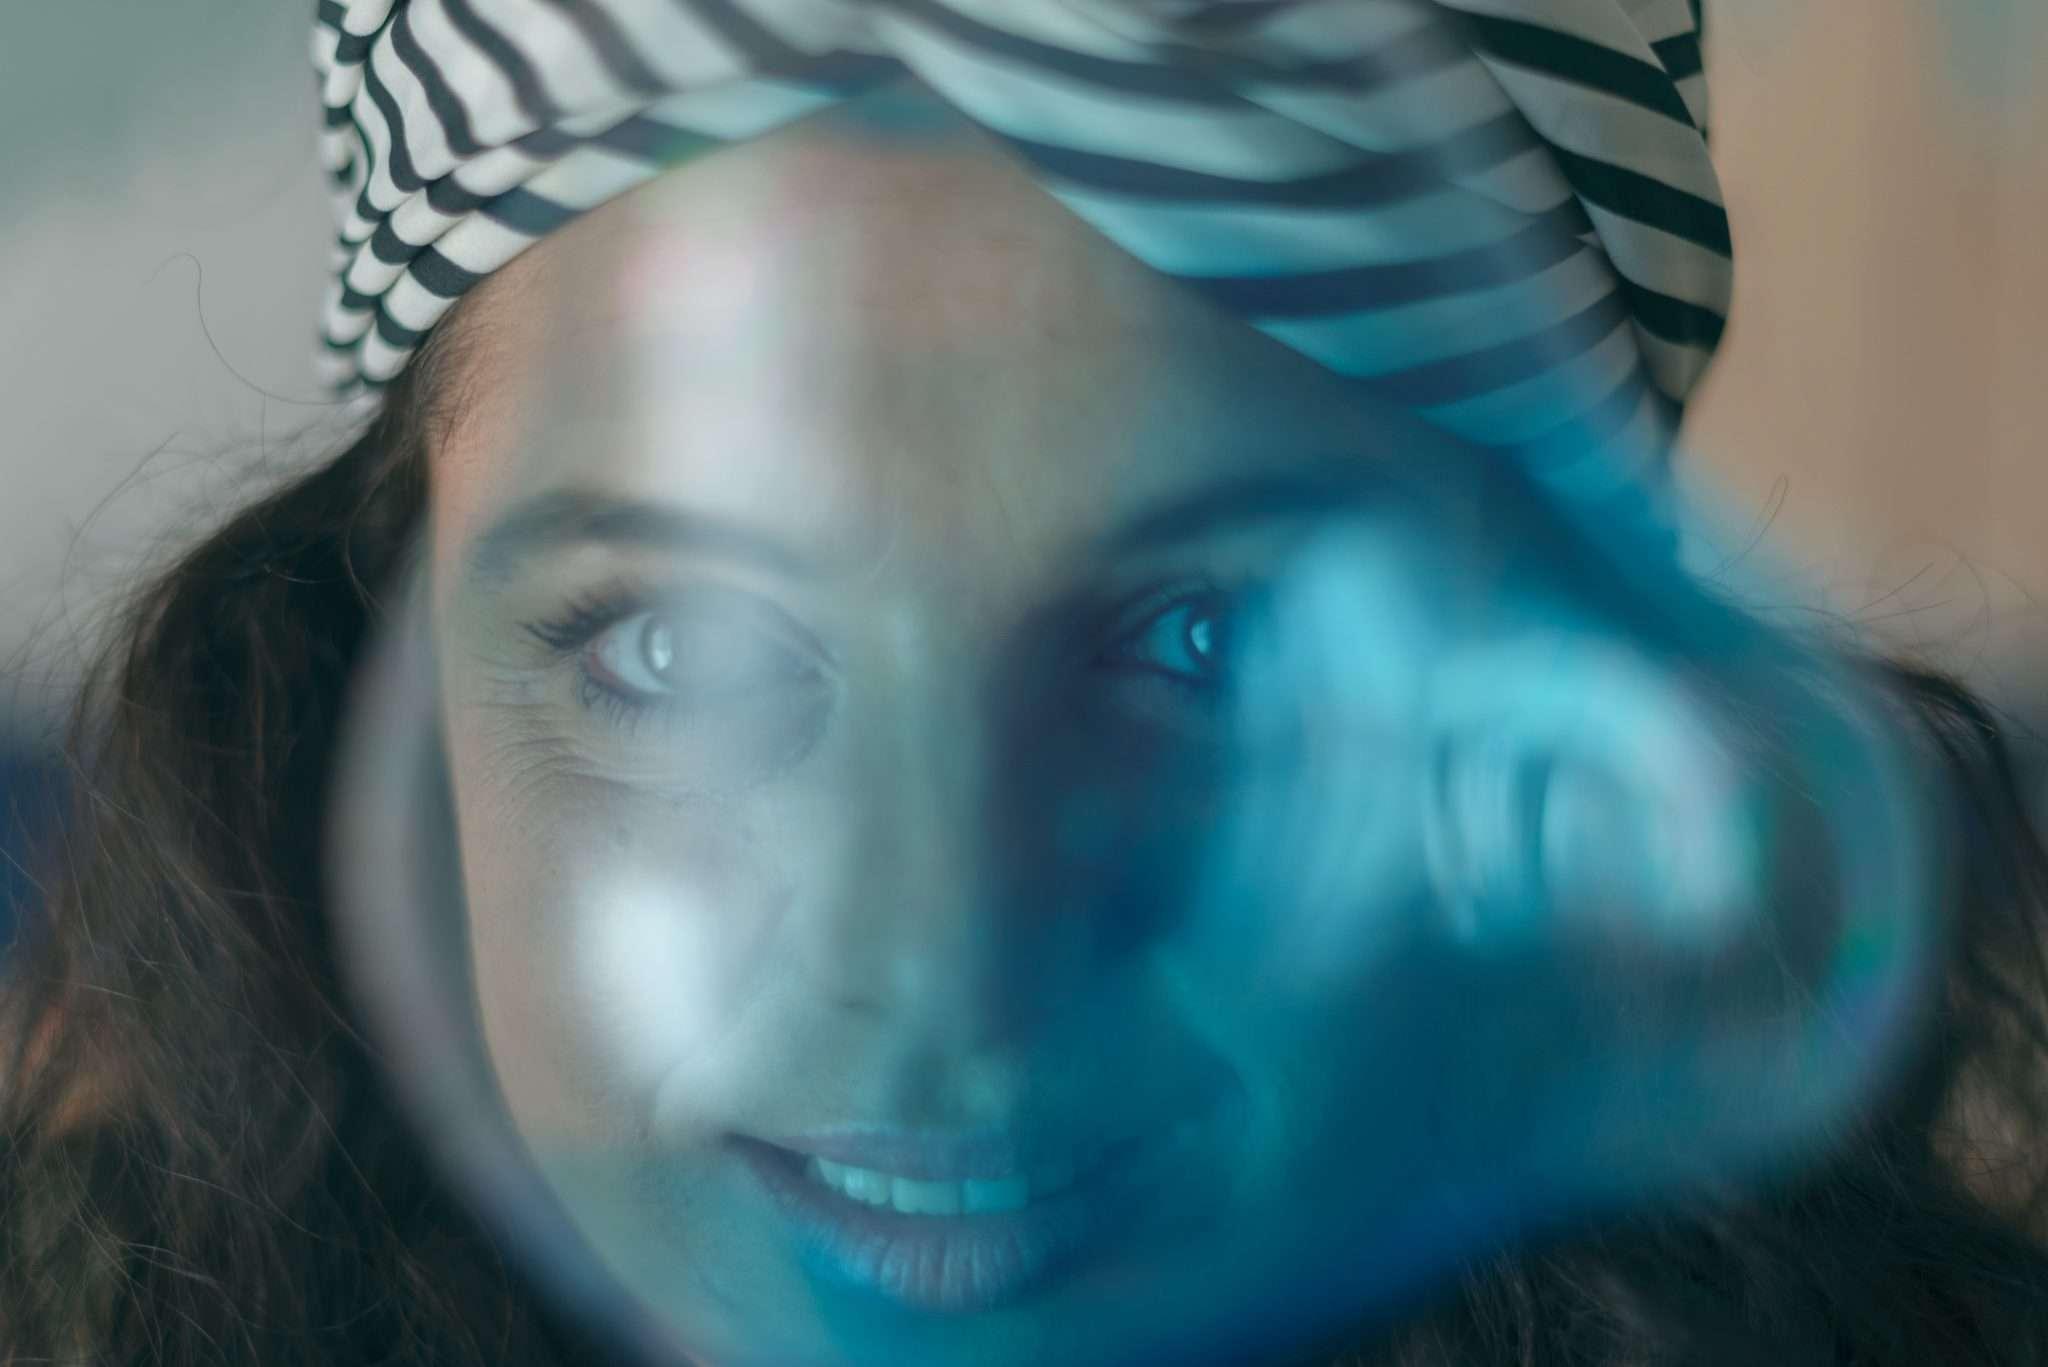 Fotografia Claudia con crystal ball realizzata da Barbara Trincone fotografa ritrattista professionista di Napoli, esegue servizi di creazione ed ampliamento lookbook per modelle/i e attori